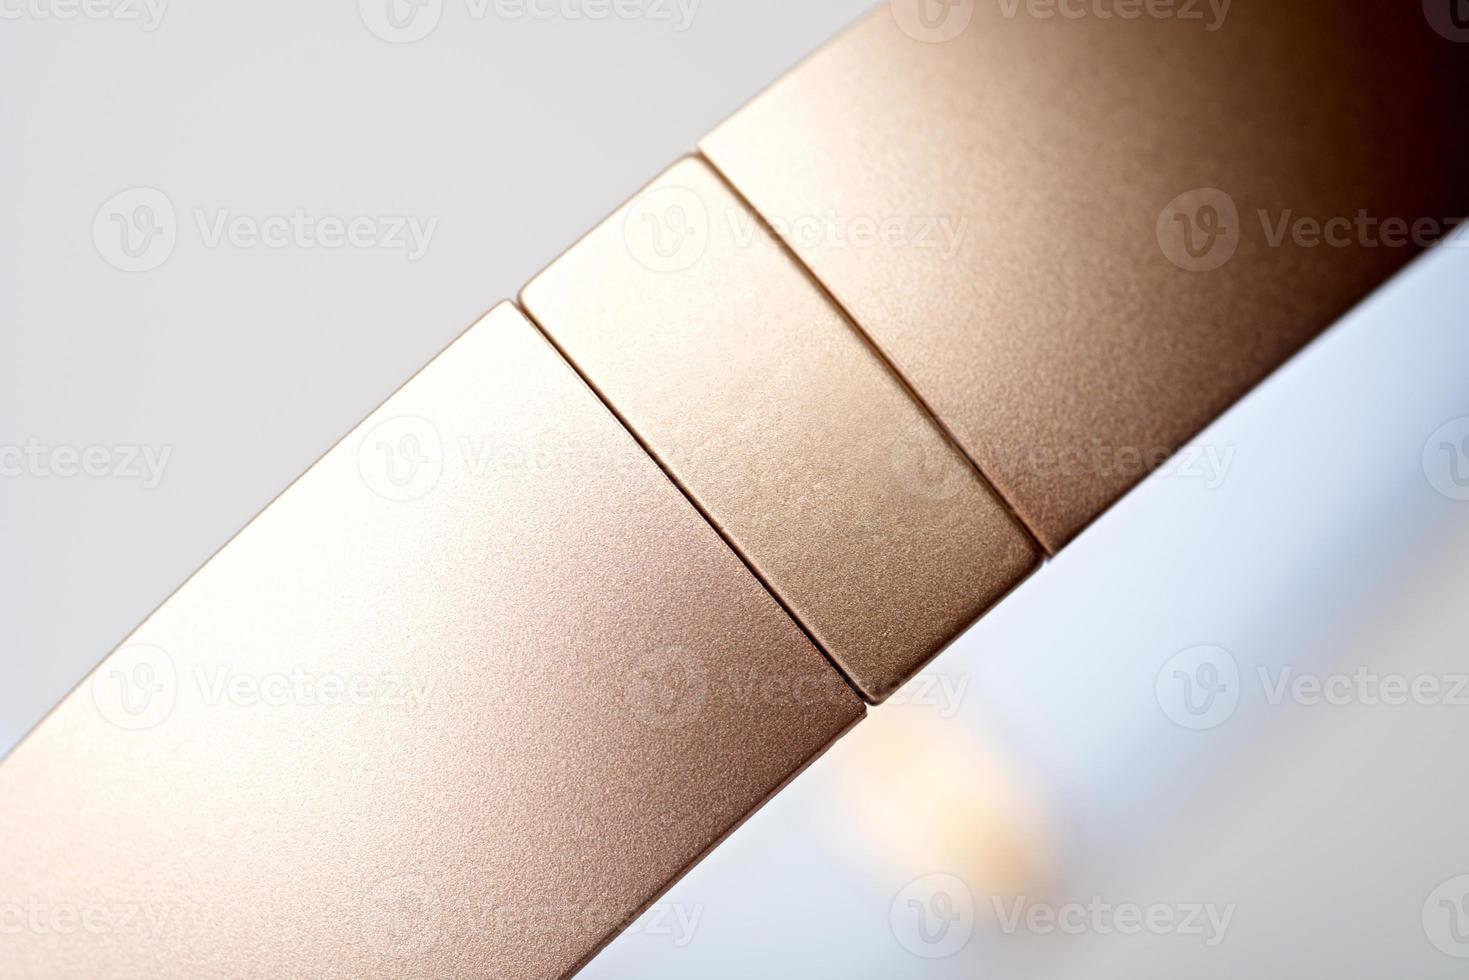 detalhe do design do fone de ouvido foto